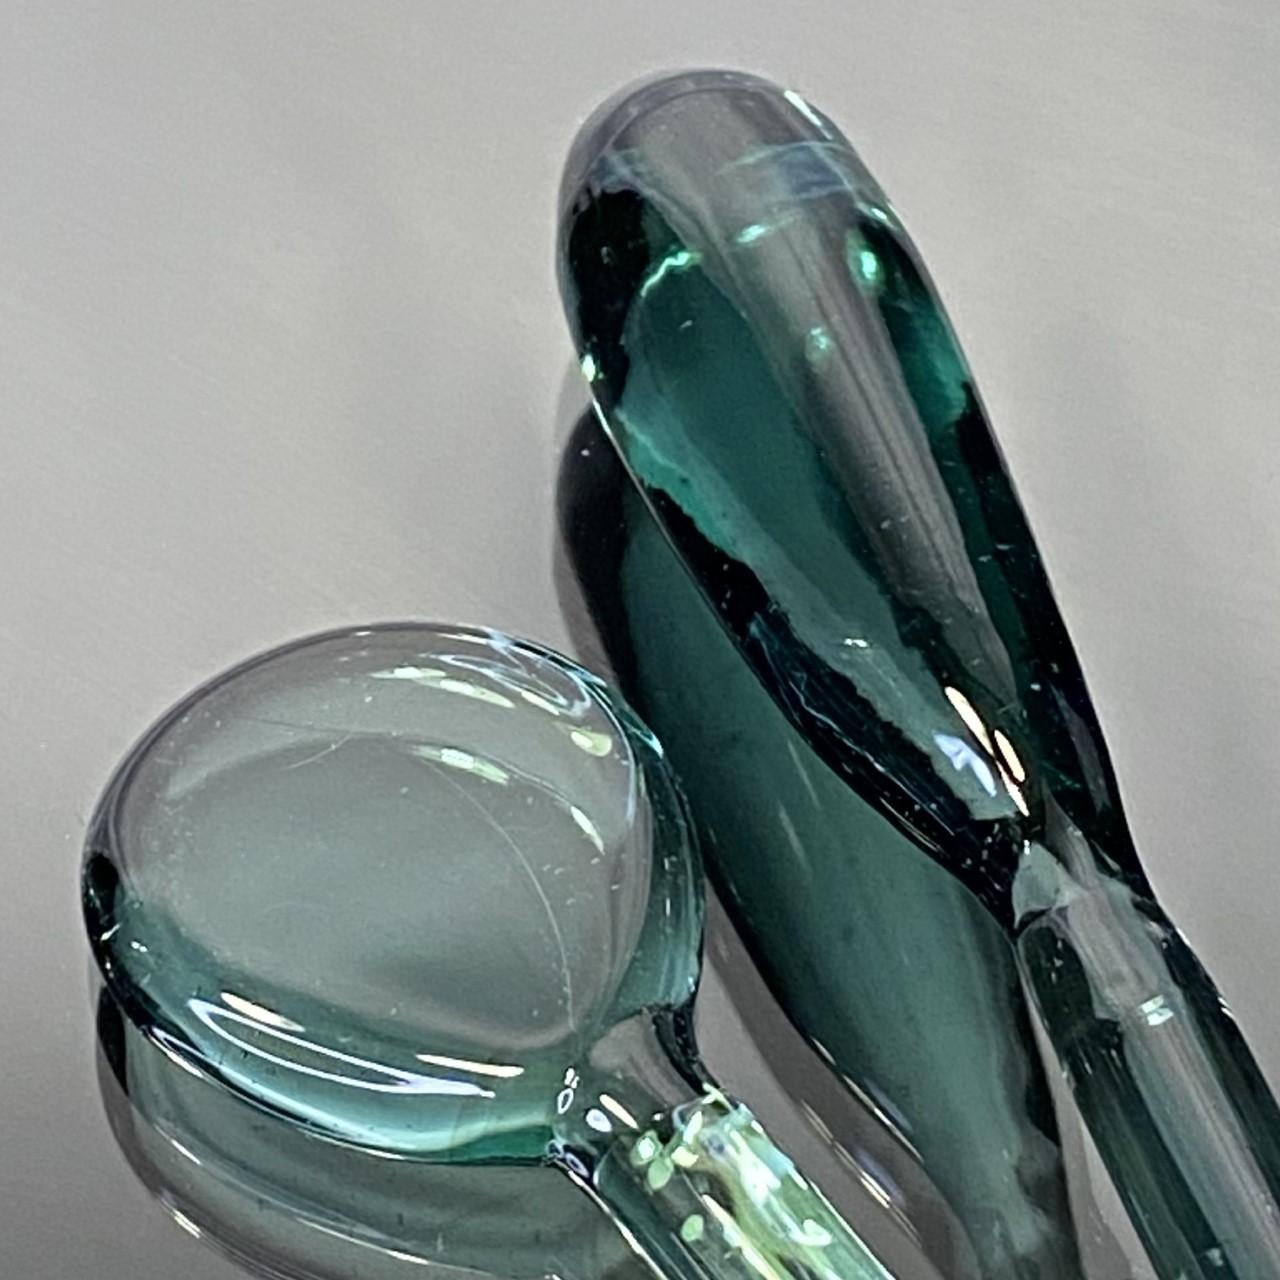 Pangea Chillium Pipe - Nemo Aqua